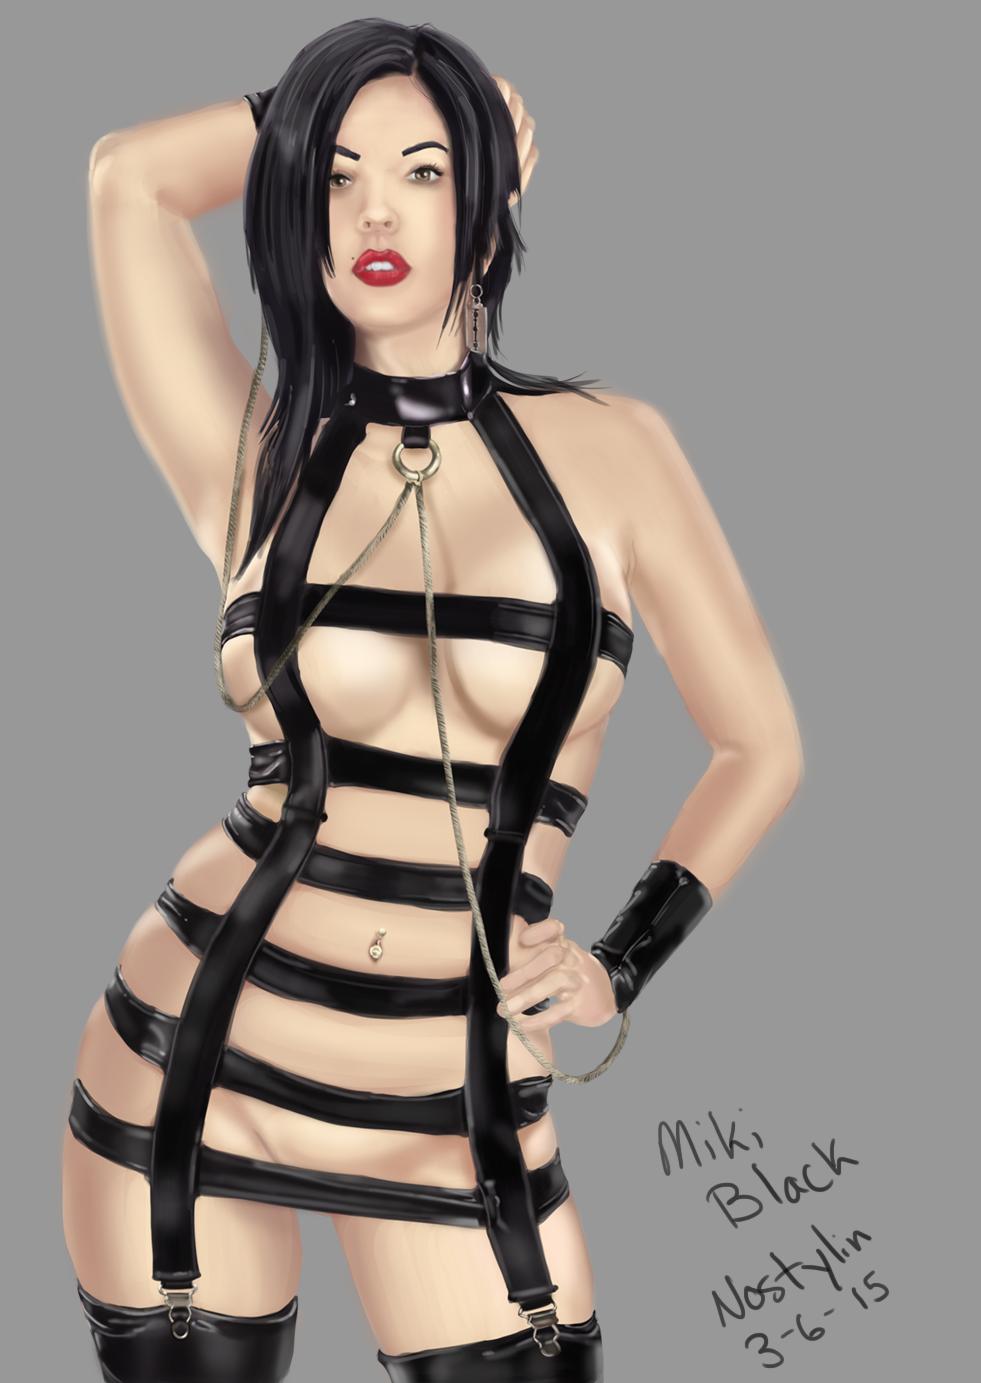 Miki Black